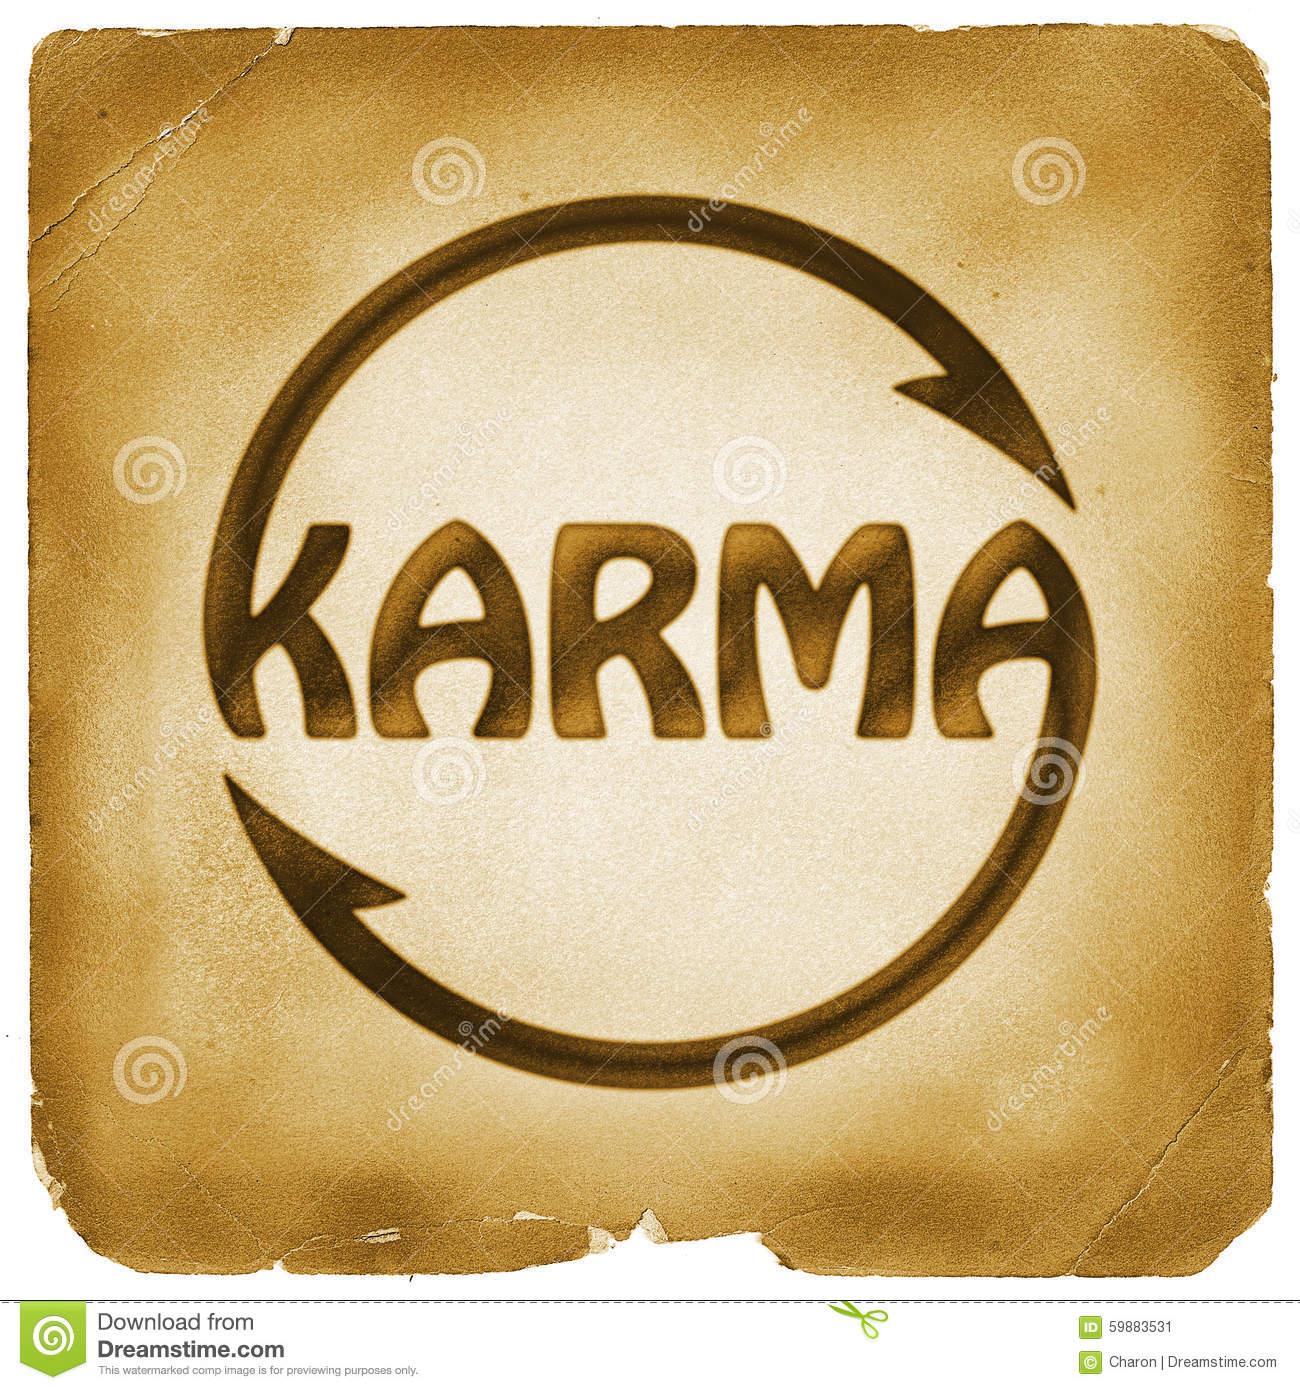 Il Karma : cosa e' cambiato dall'anno 2000